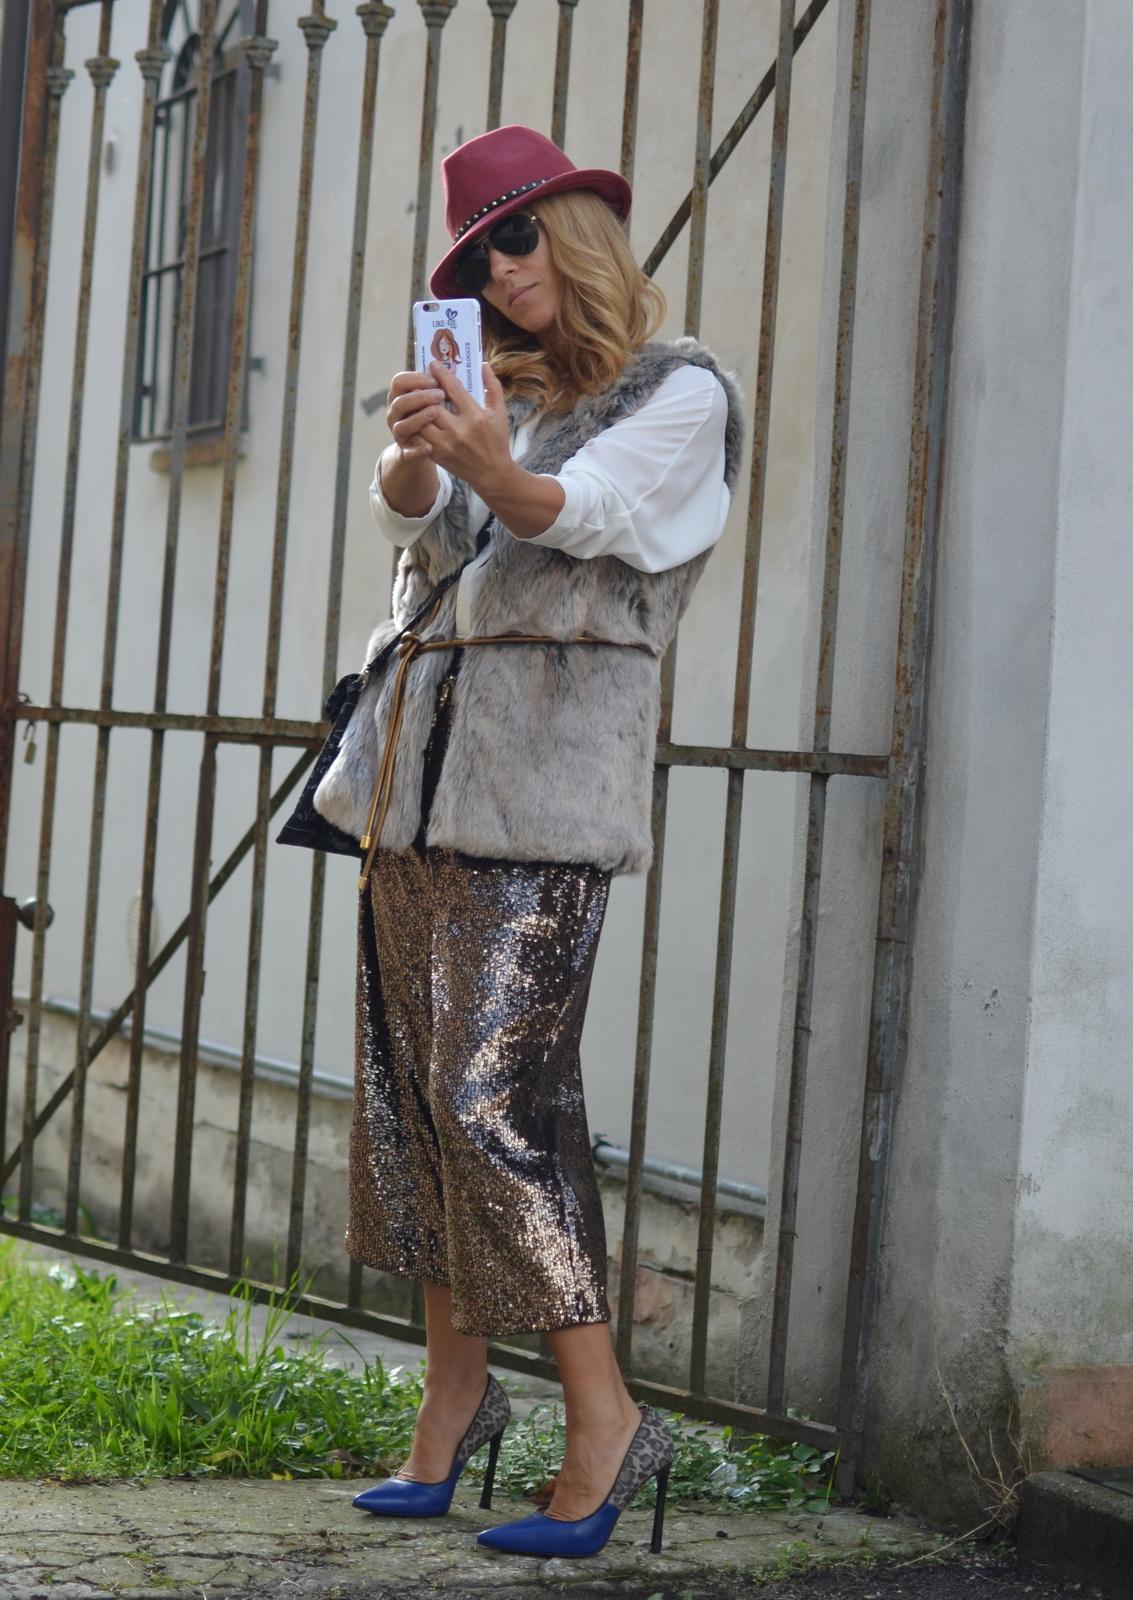 pants Liviana Conti (1)